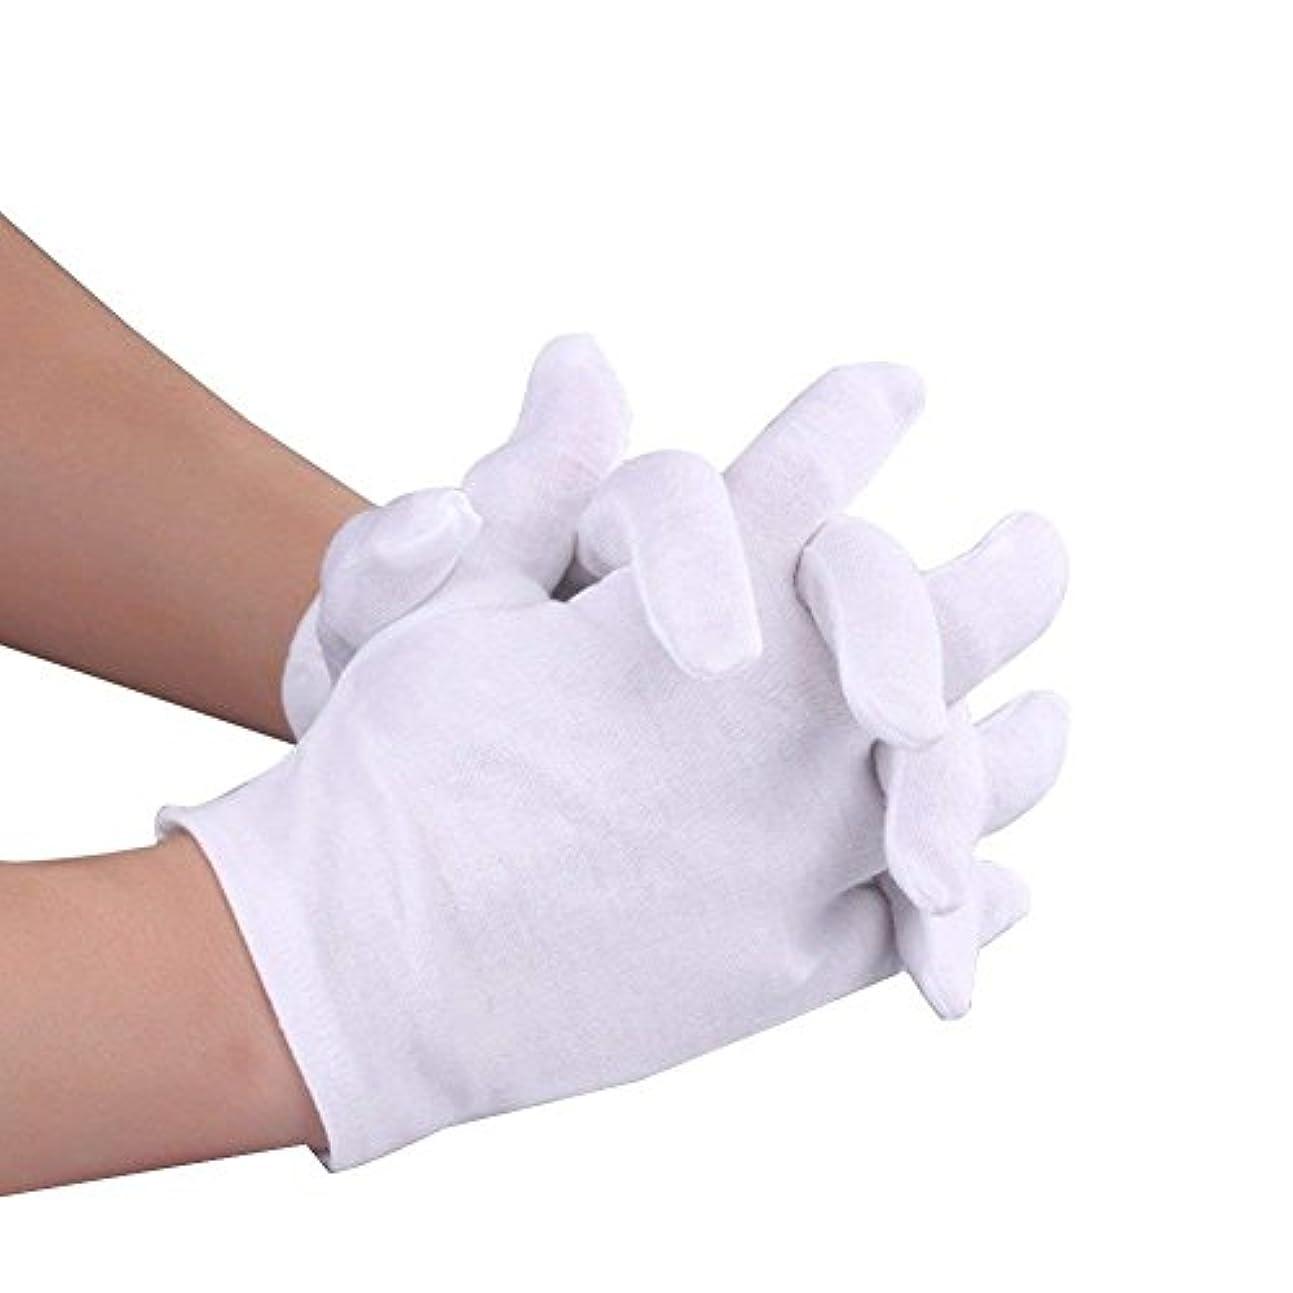 リダクター収益問い合わせるWolfride 15Pairs コットン手袋 綿手袋 インナーコットン手袋 ガーデニング用手袋 入り Sサイズ 湿疹用 乾燥肌用 保湿用 家事用 礼装用